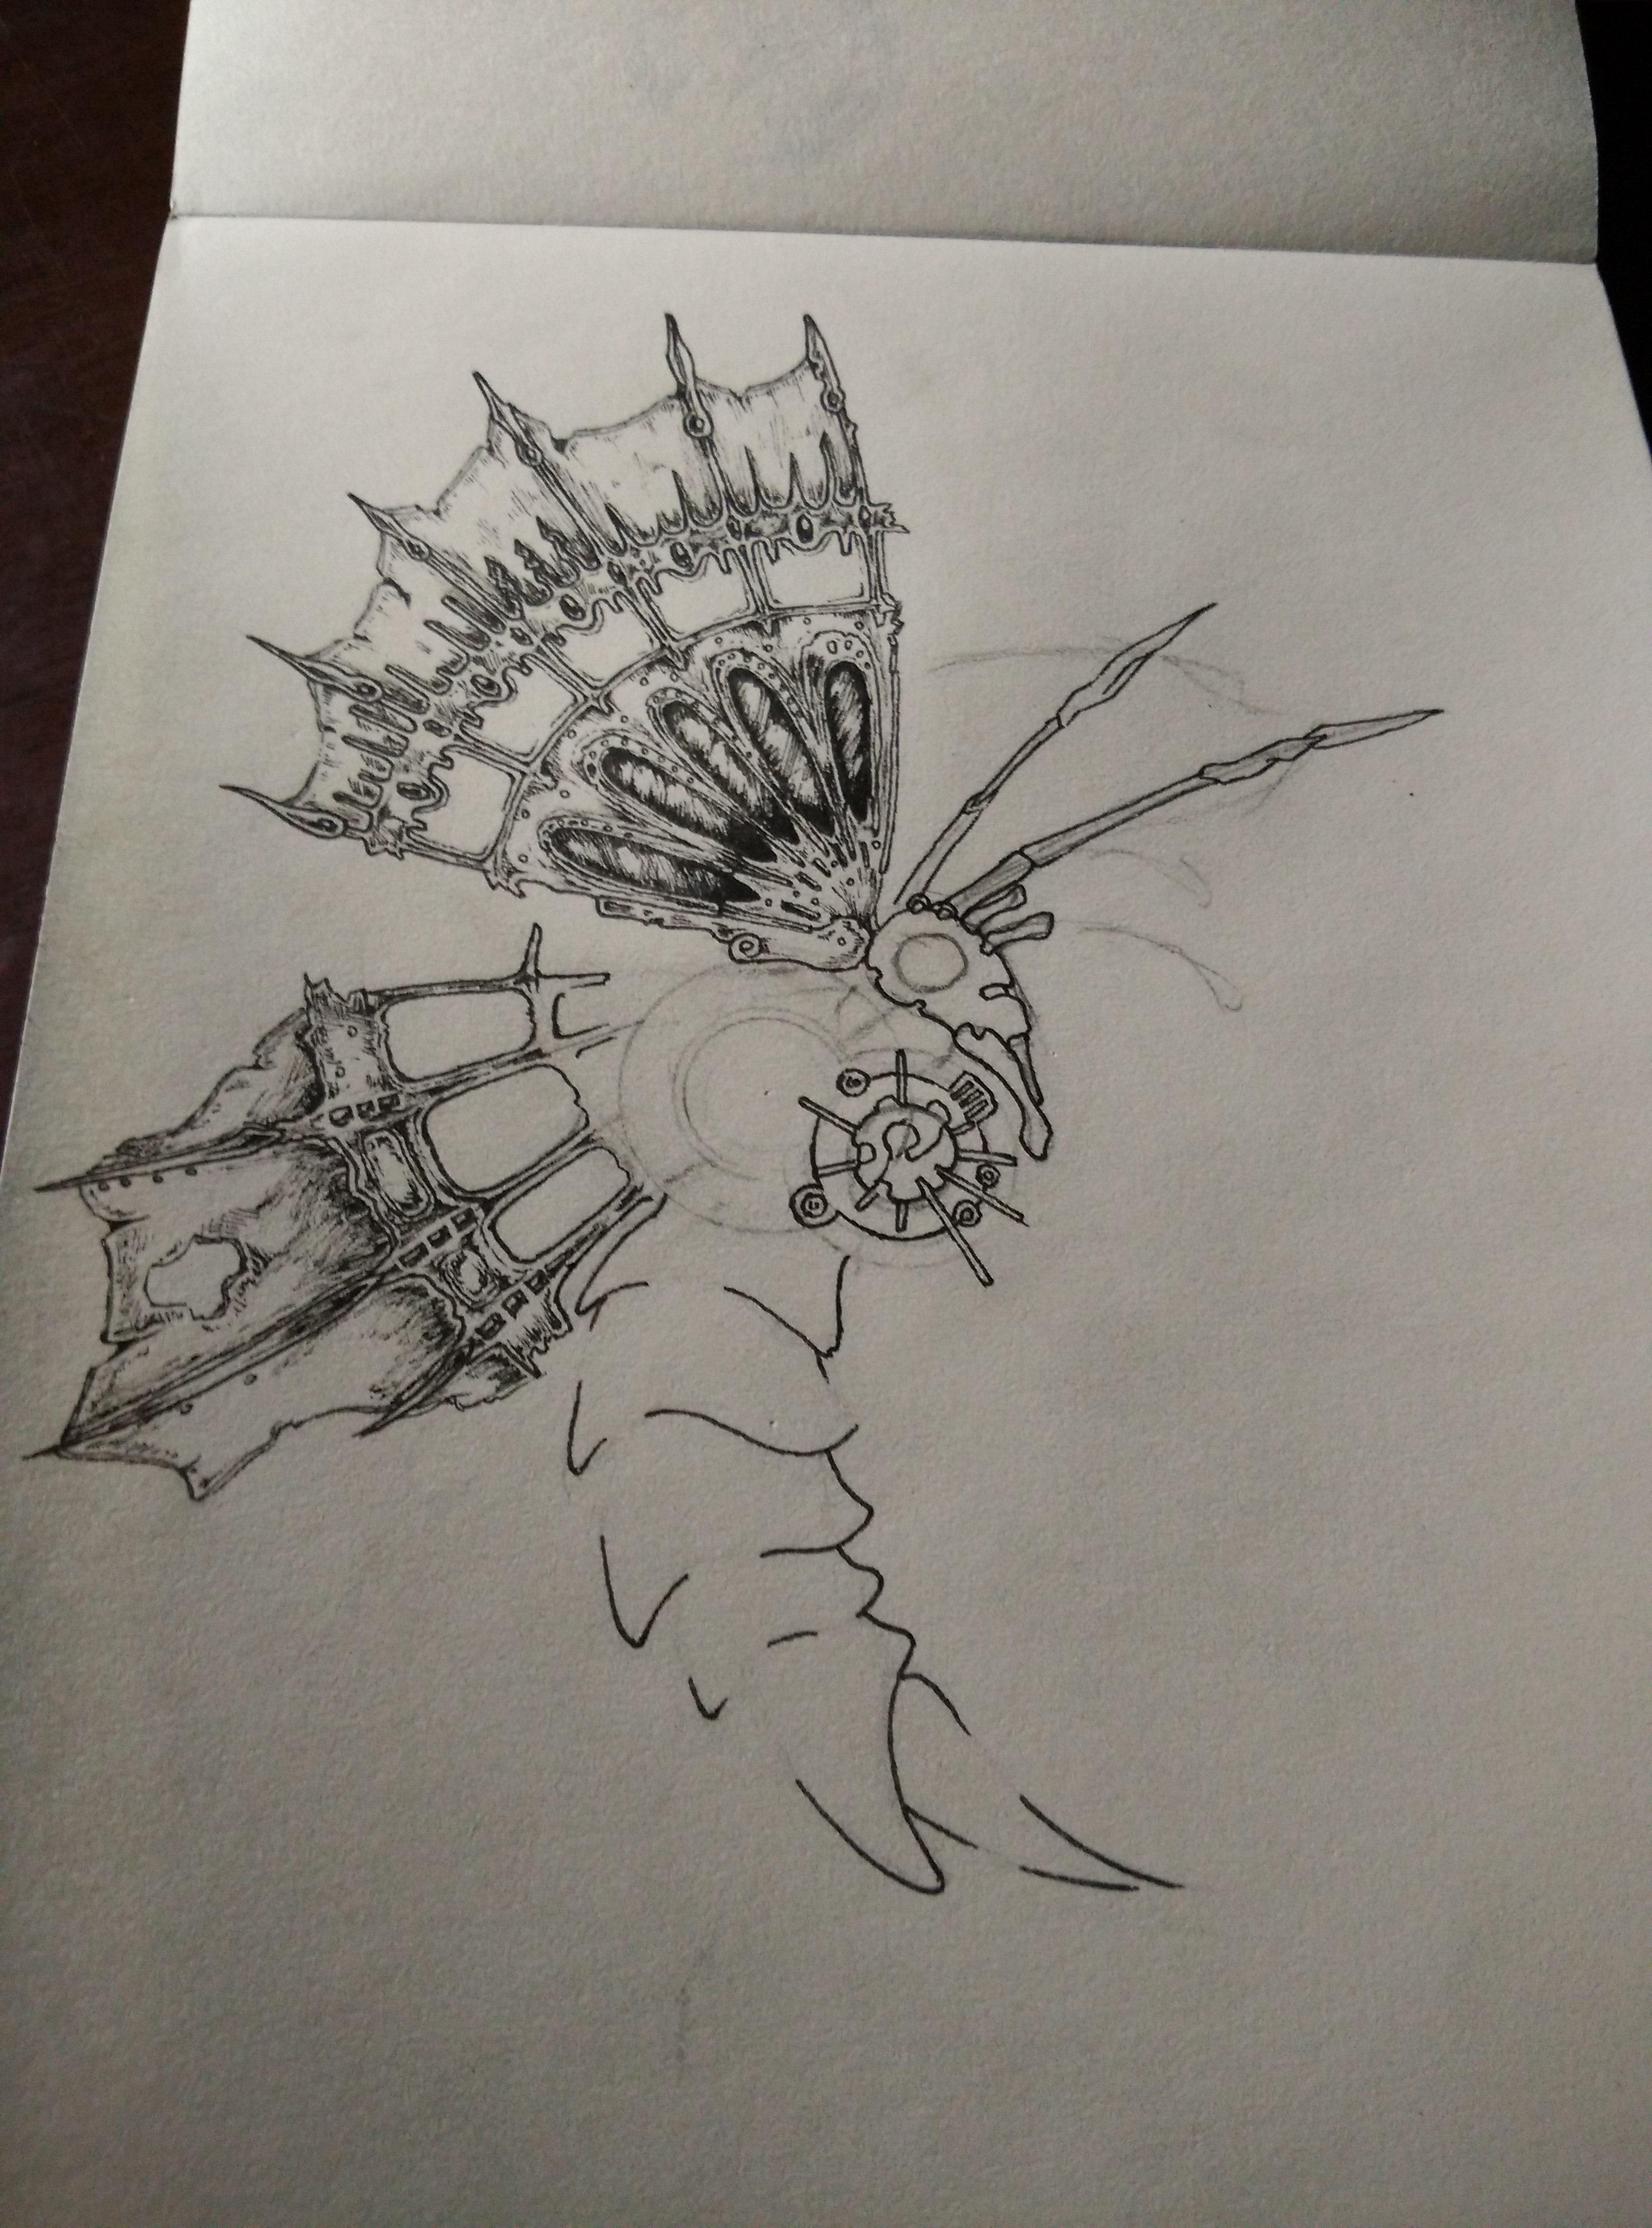 蝴蝶 黑白装饰画图片